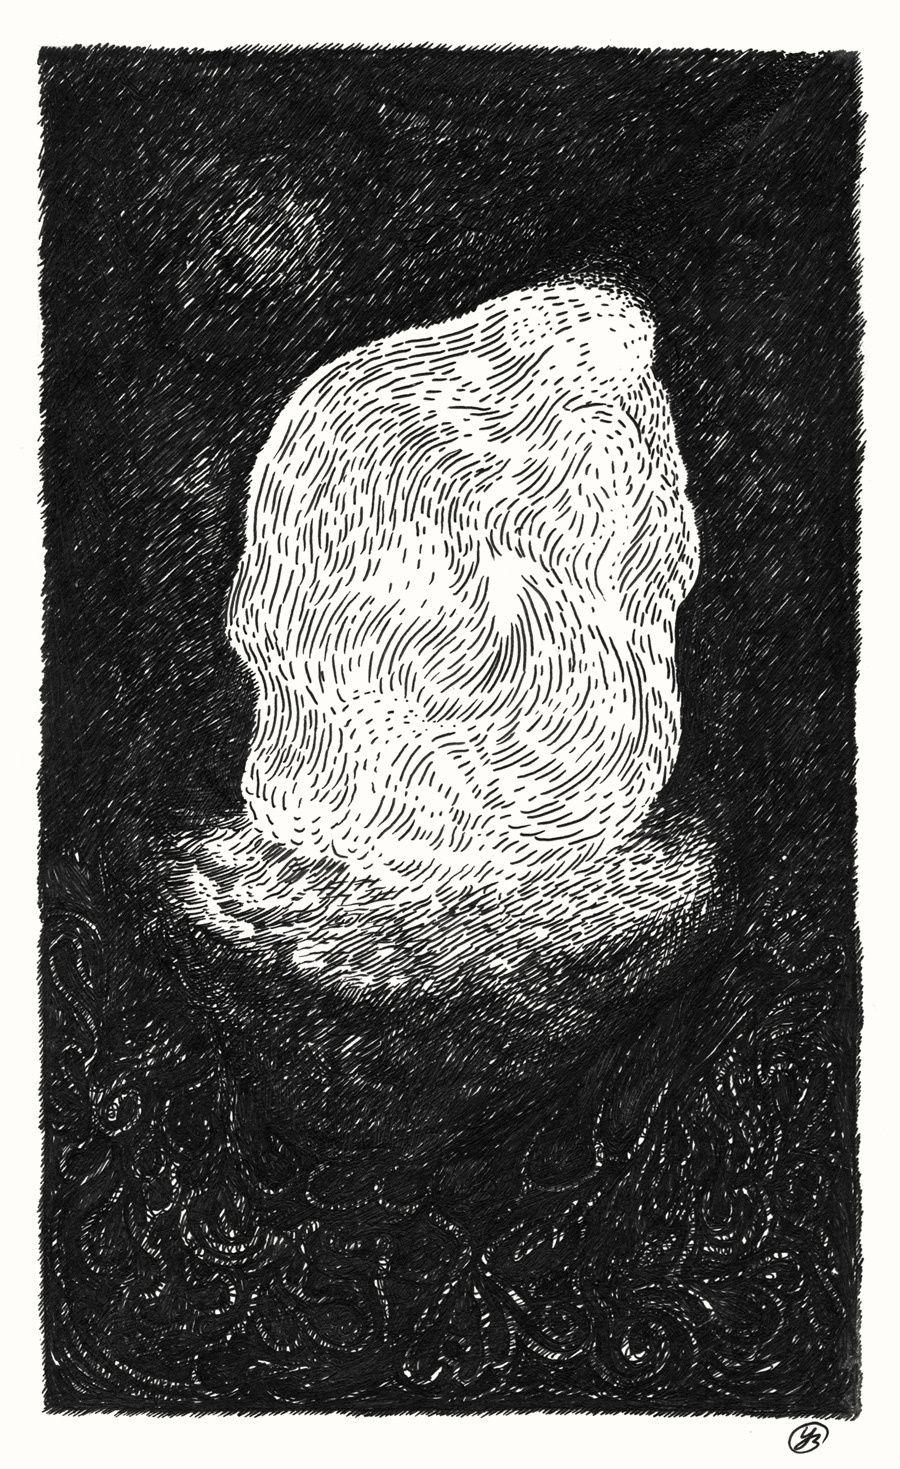 Mutis Liber, encres sur papier, 12,8 x 21 cm, 2012-2014